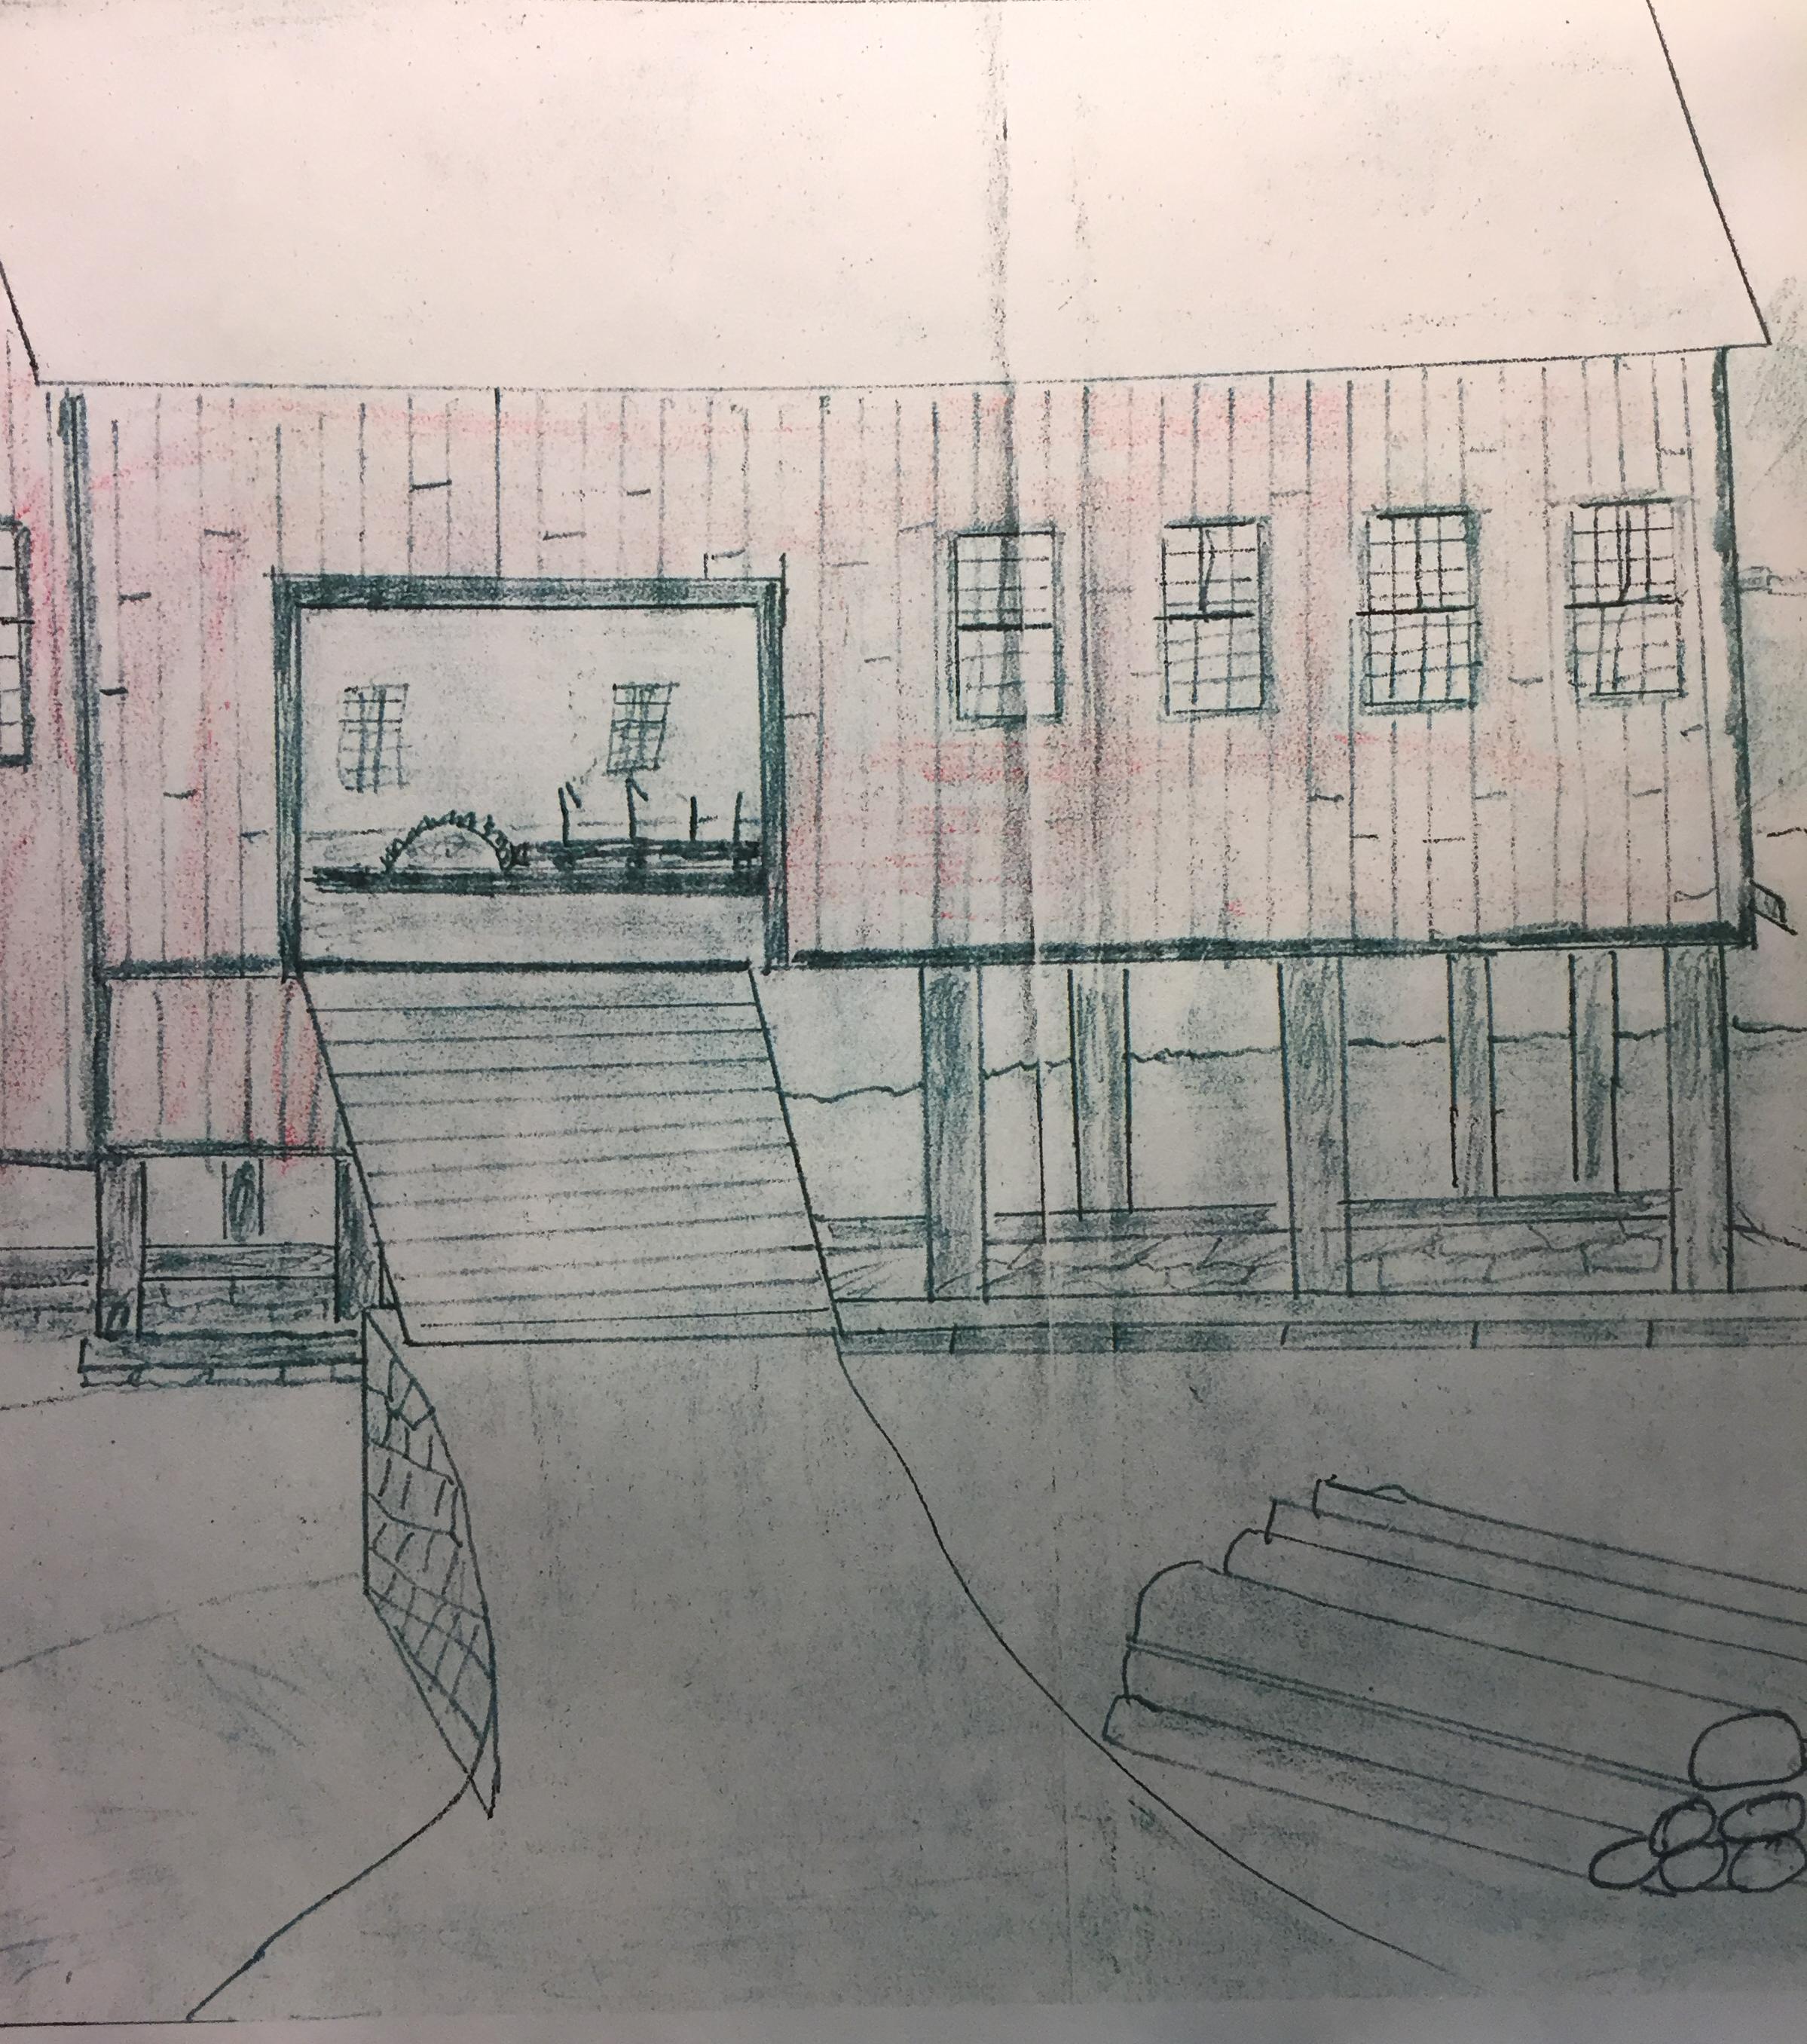 Sawmill sketch